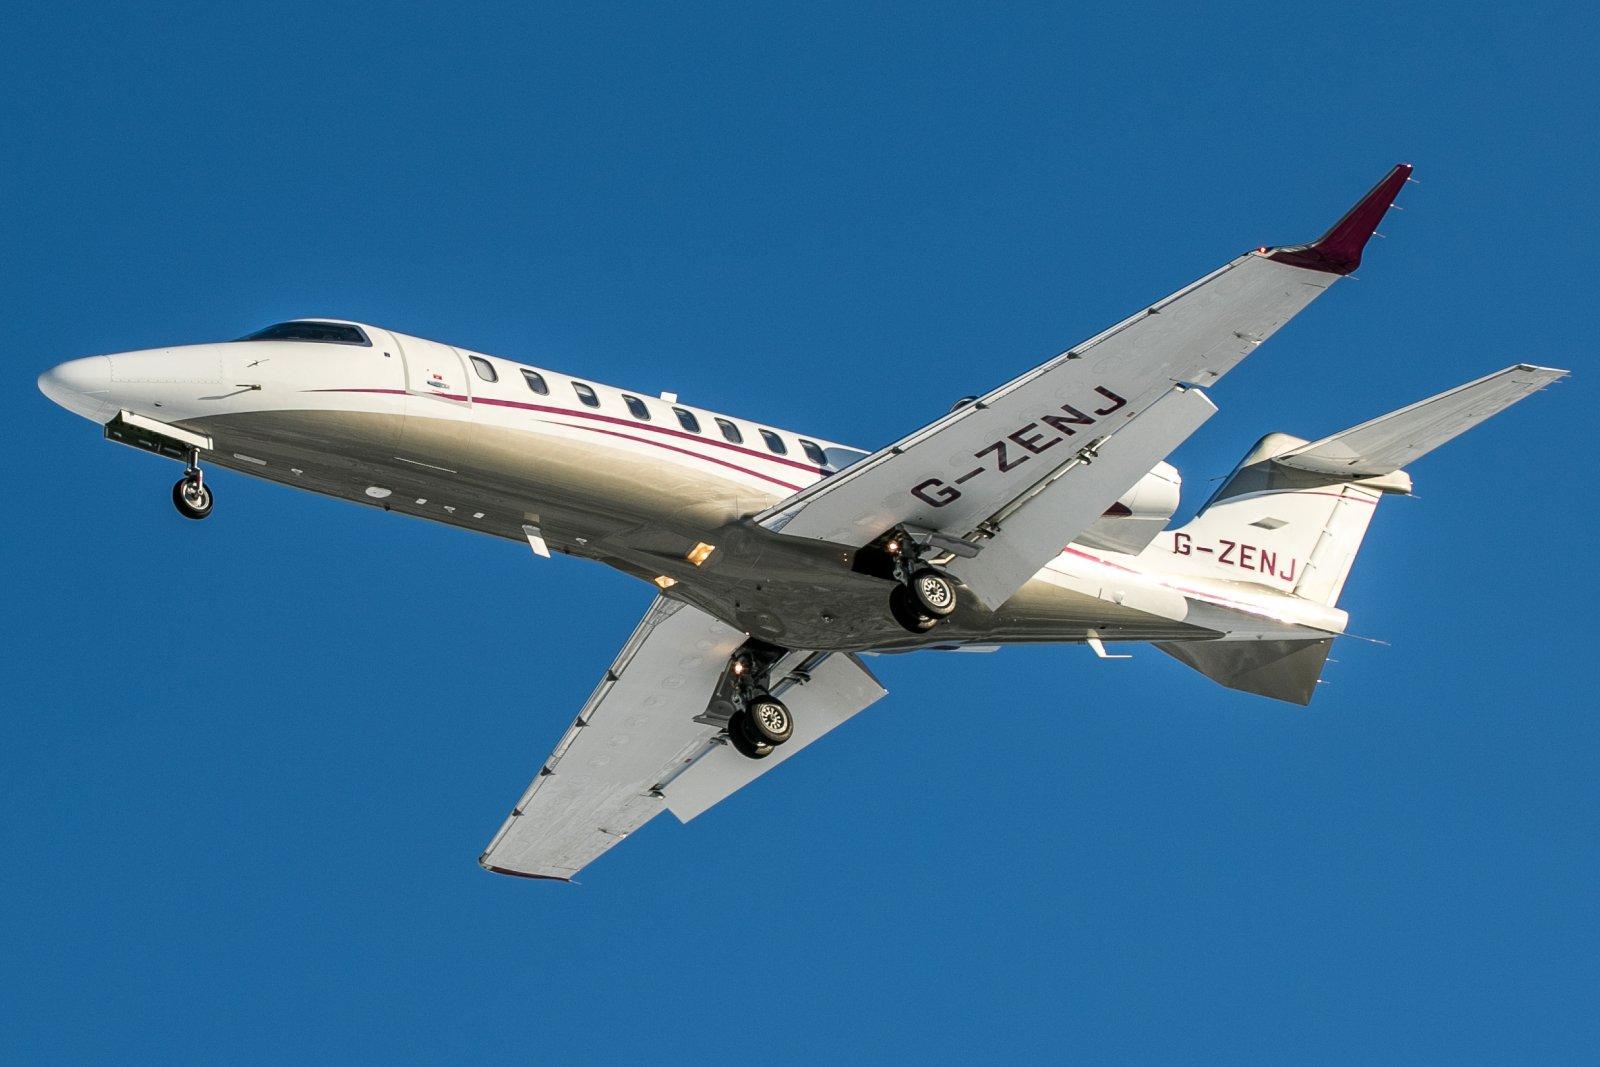 G-ZENJ. Bombardier Learjet 75.